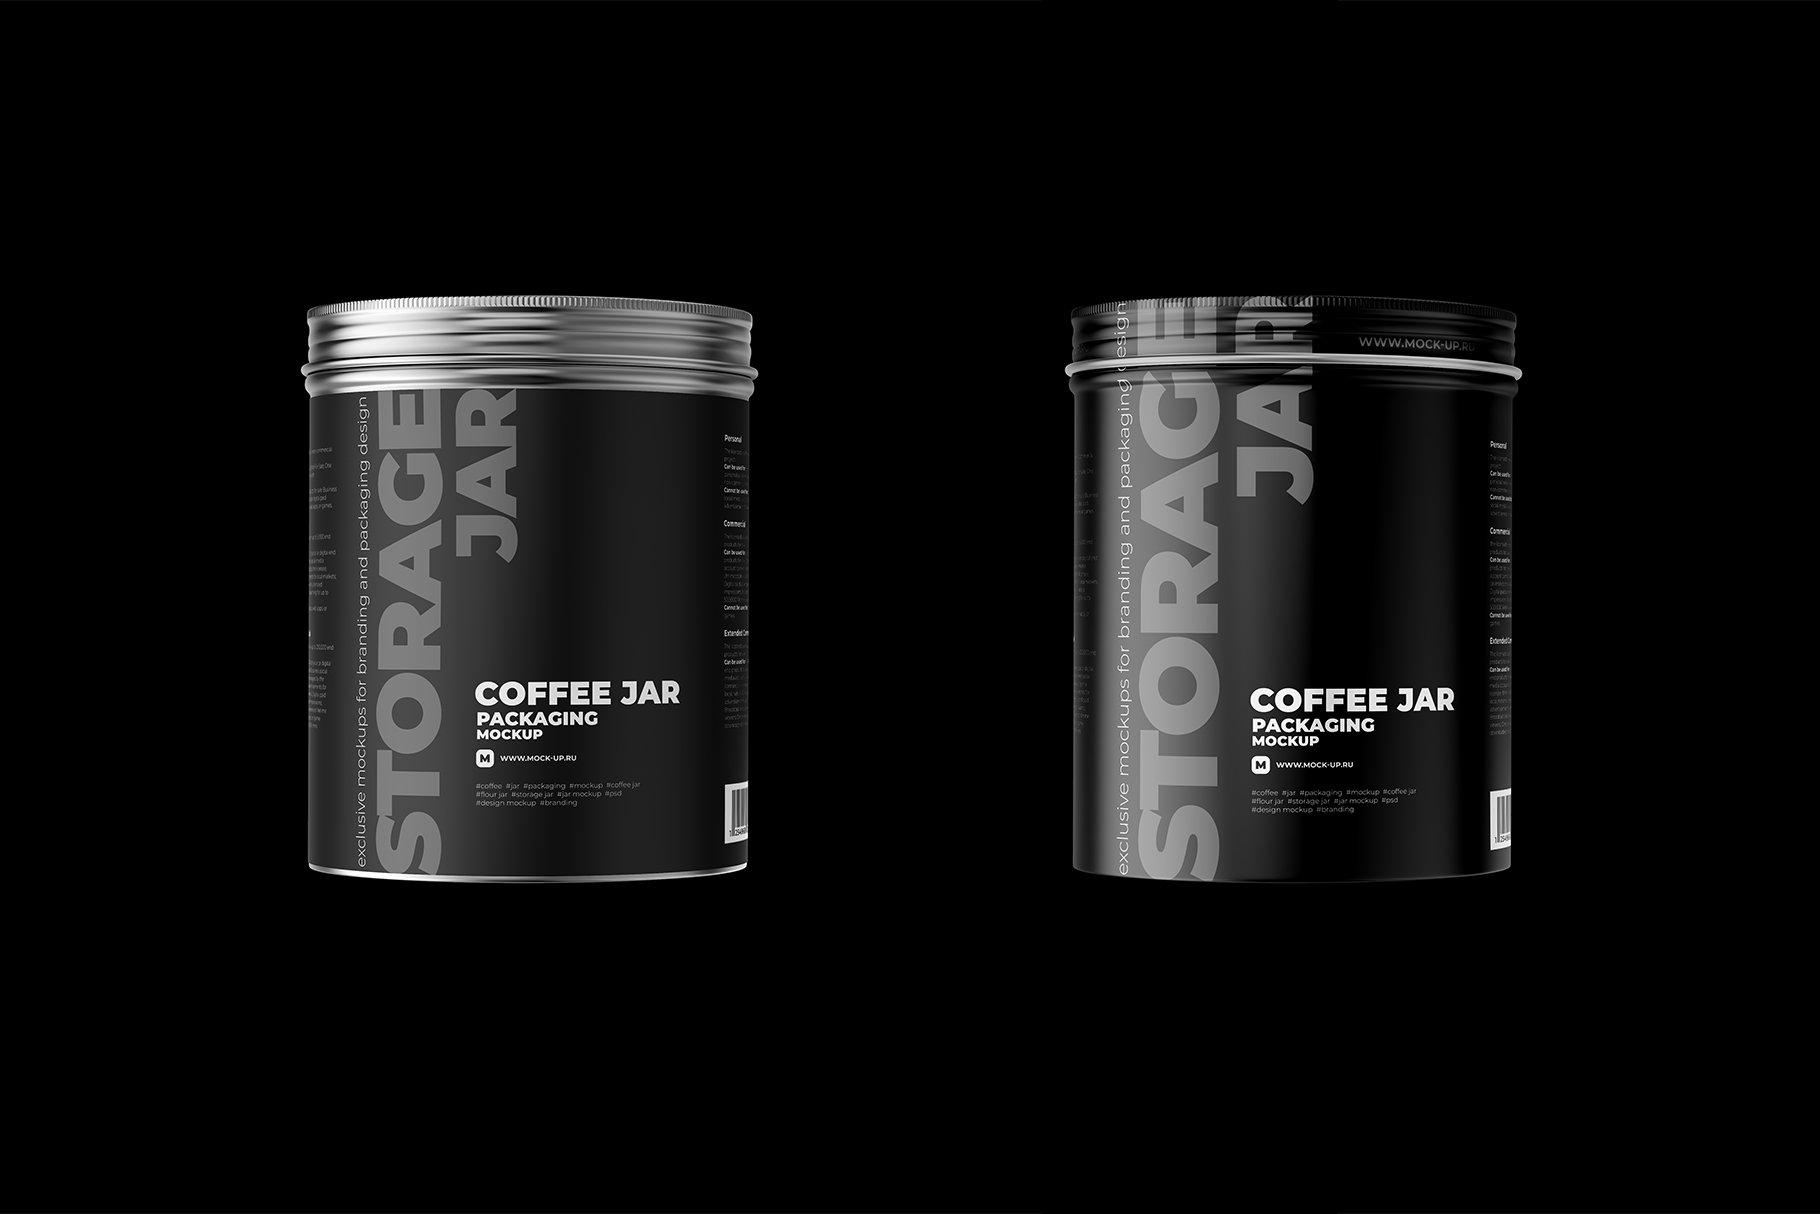 前视图食品茶叶金属罐设计展示PSD样机模板 Metallic Storage Closed Jar Front插图10